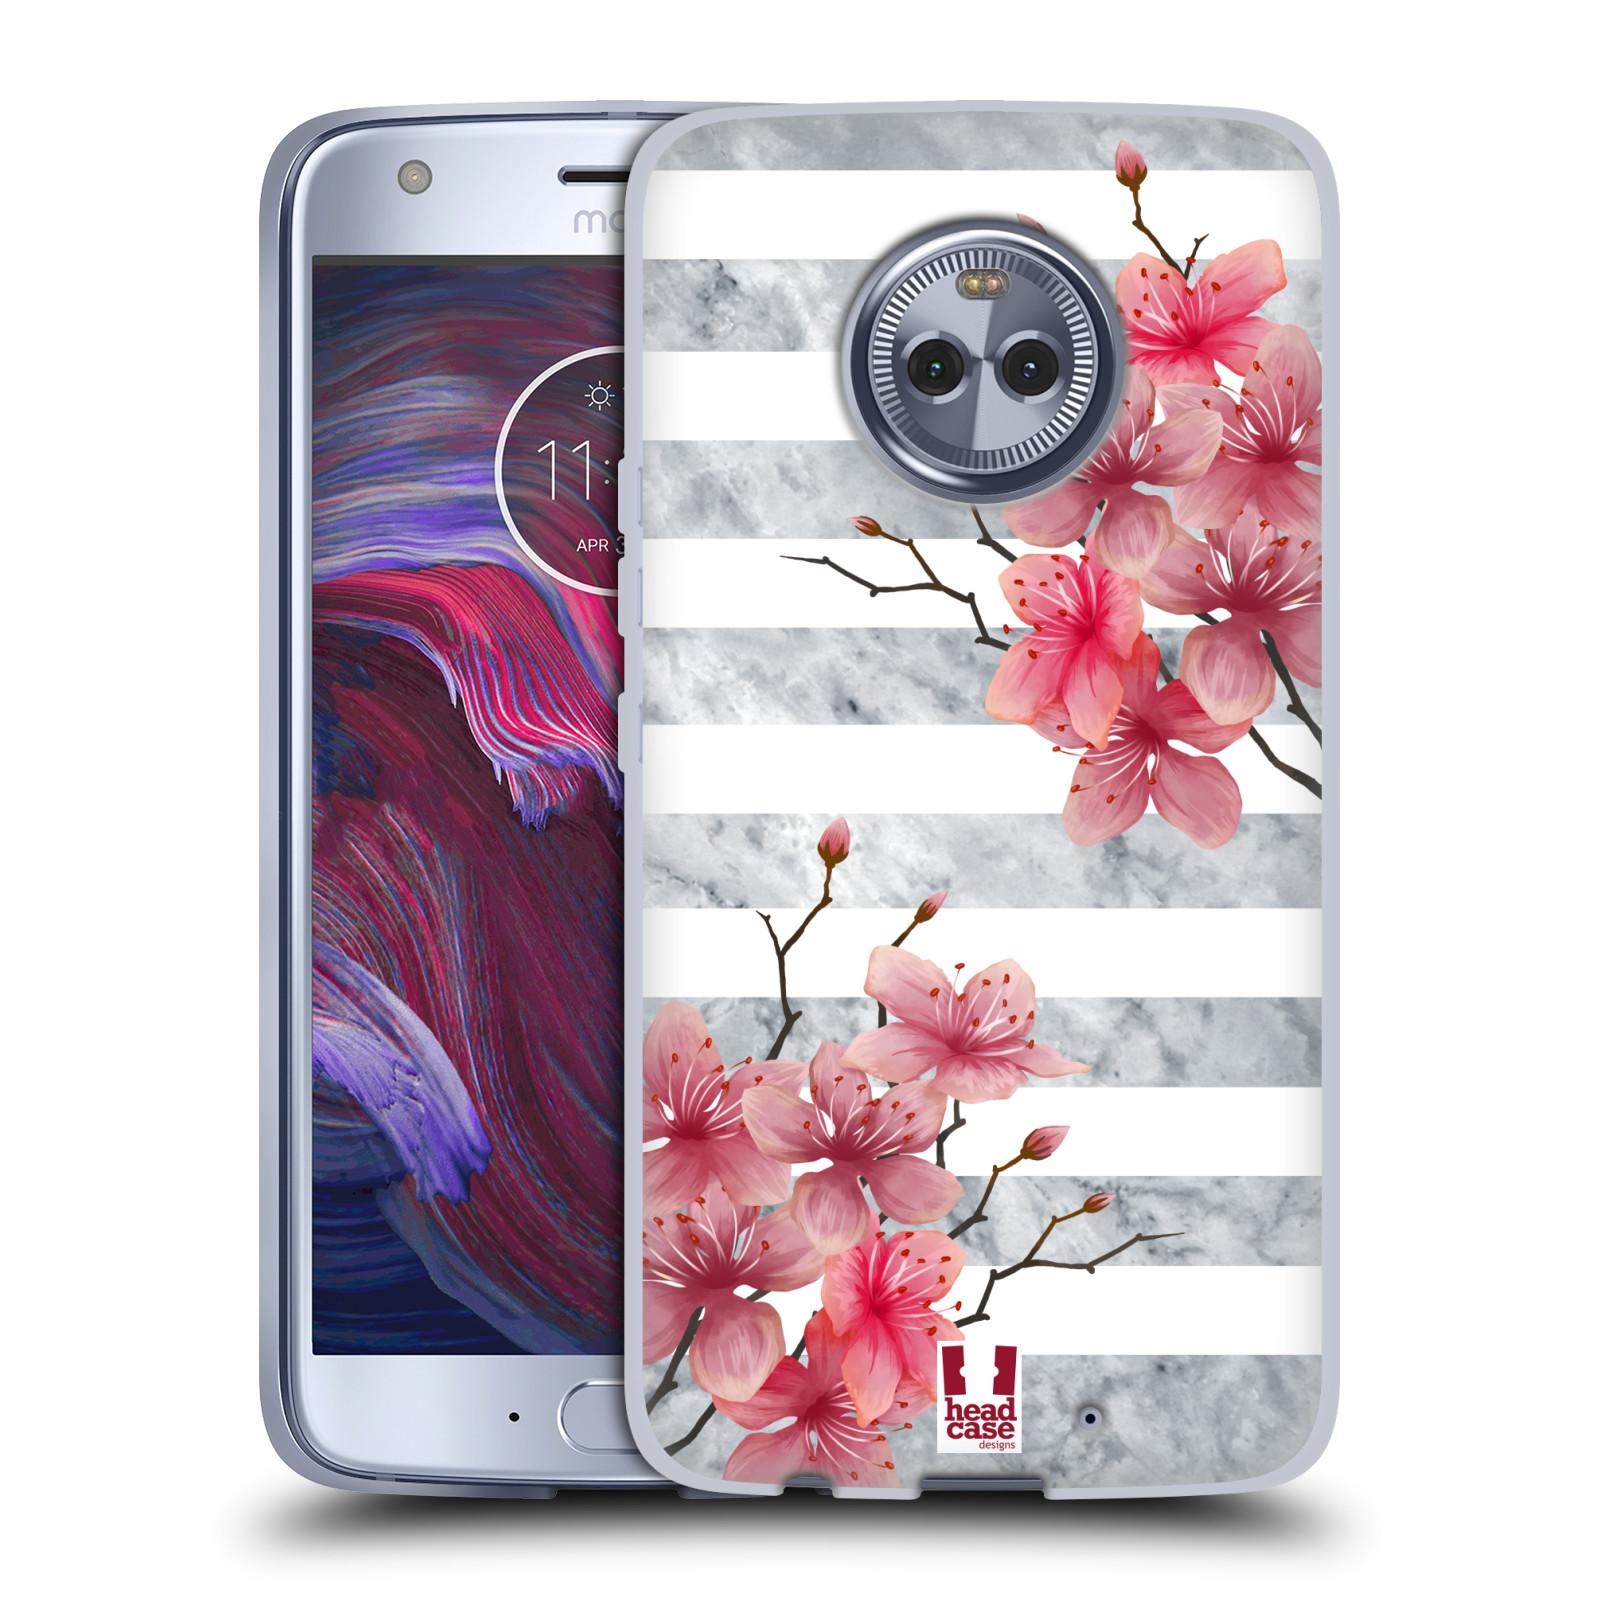 HEAD CASE silikonový obal na mobil Motorola Moto X4 růžové květy v rozkvětu  a mramor c25ff676a07